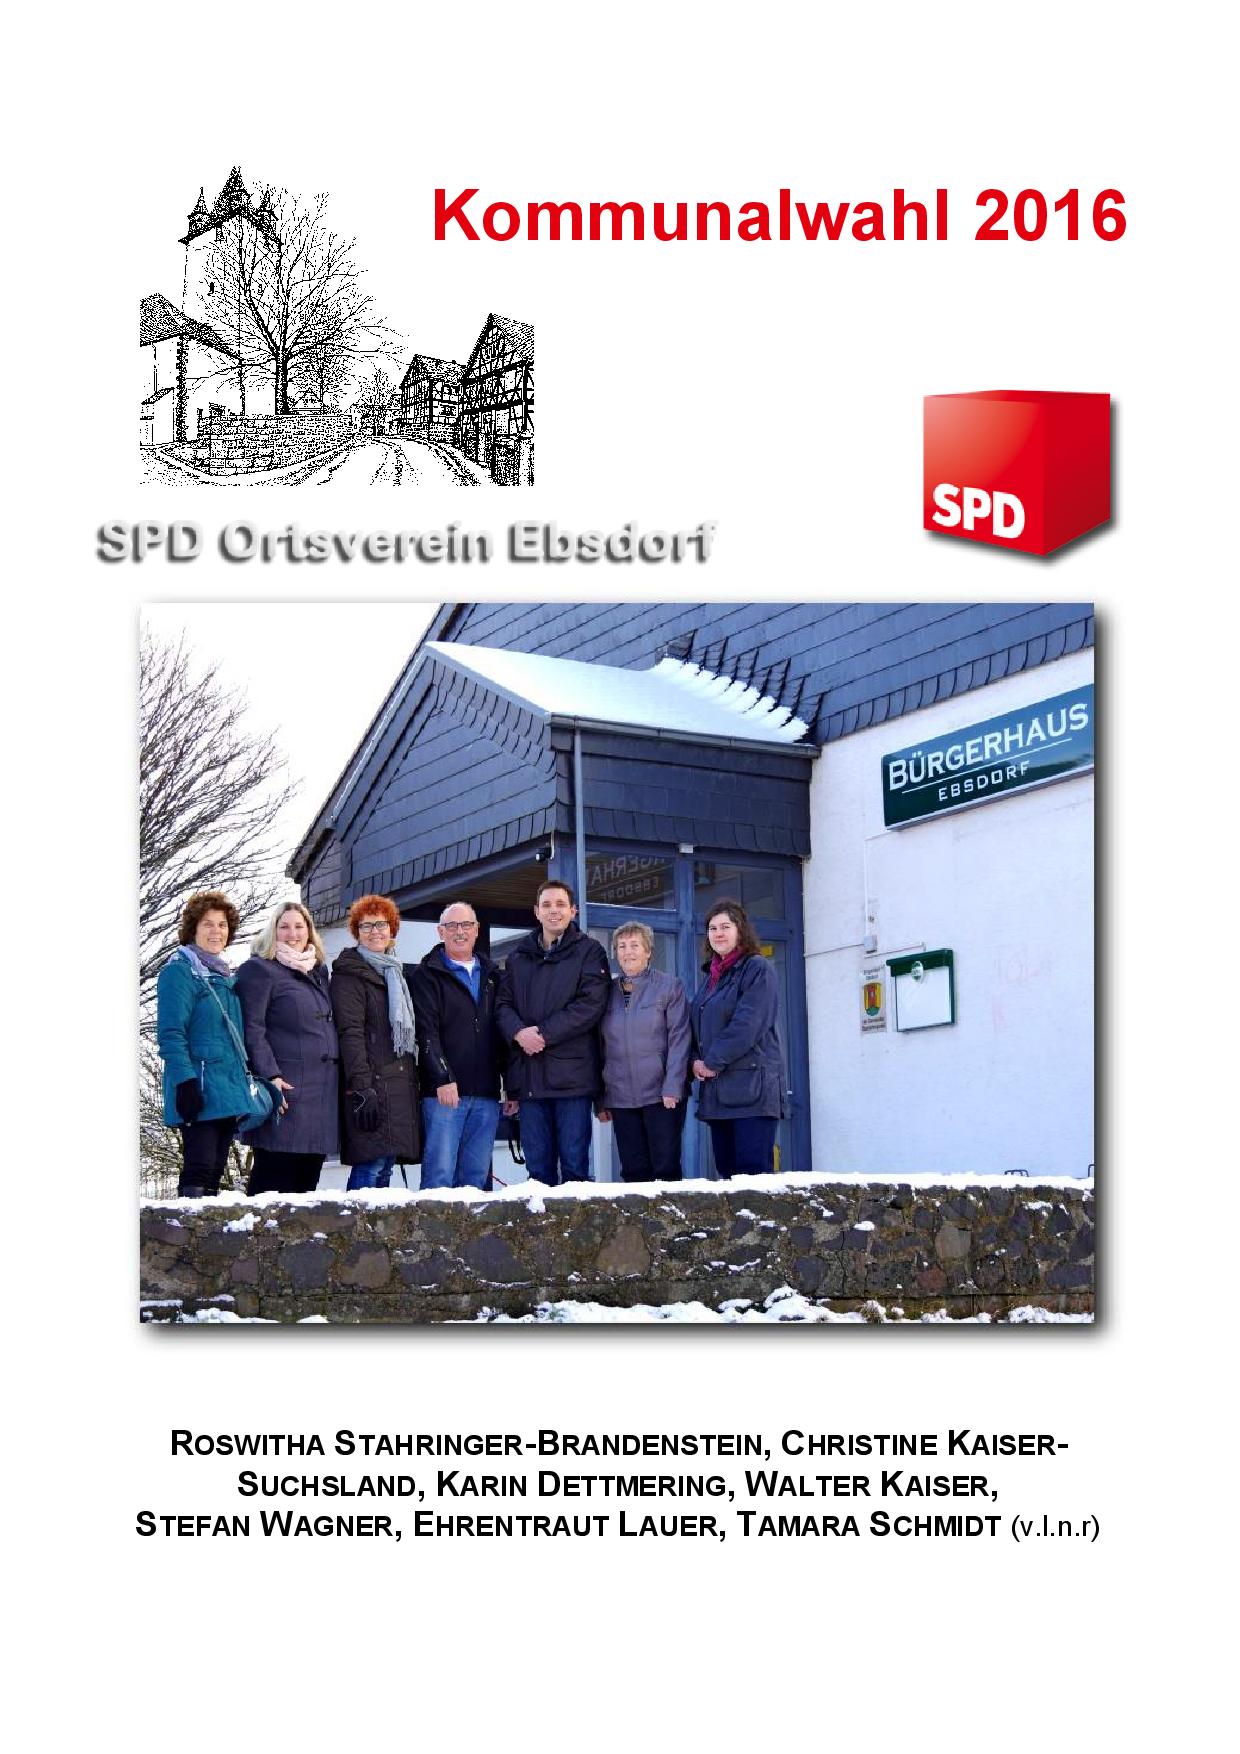 SPD_Kommunalwahl_2016_1